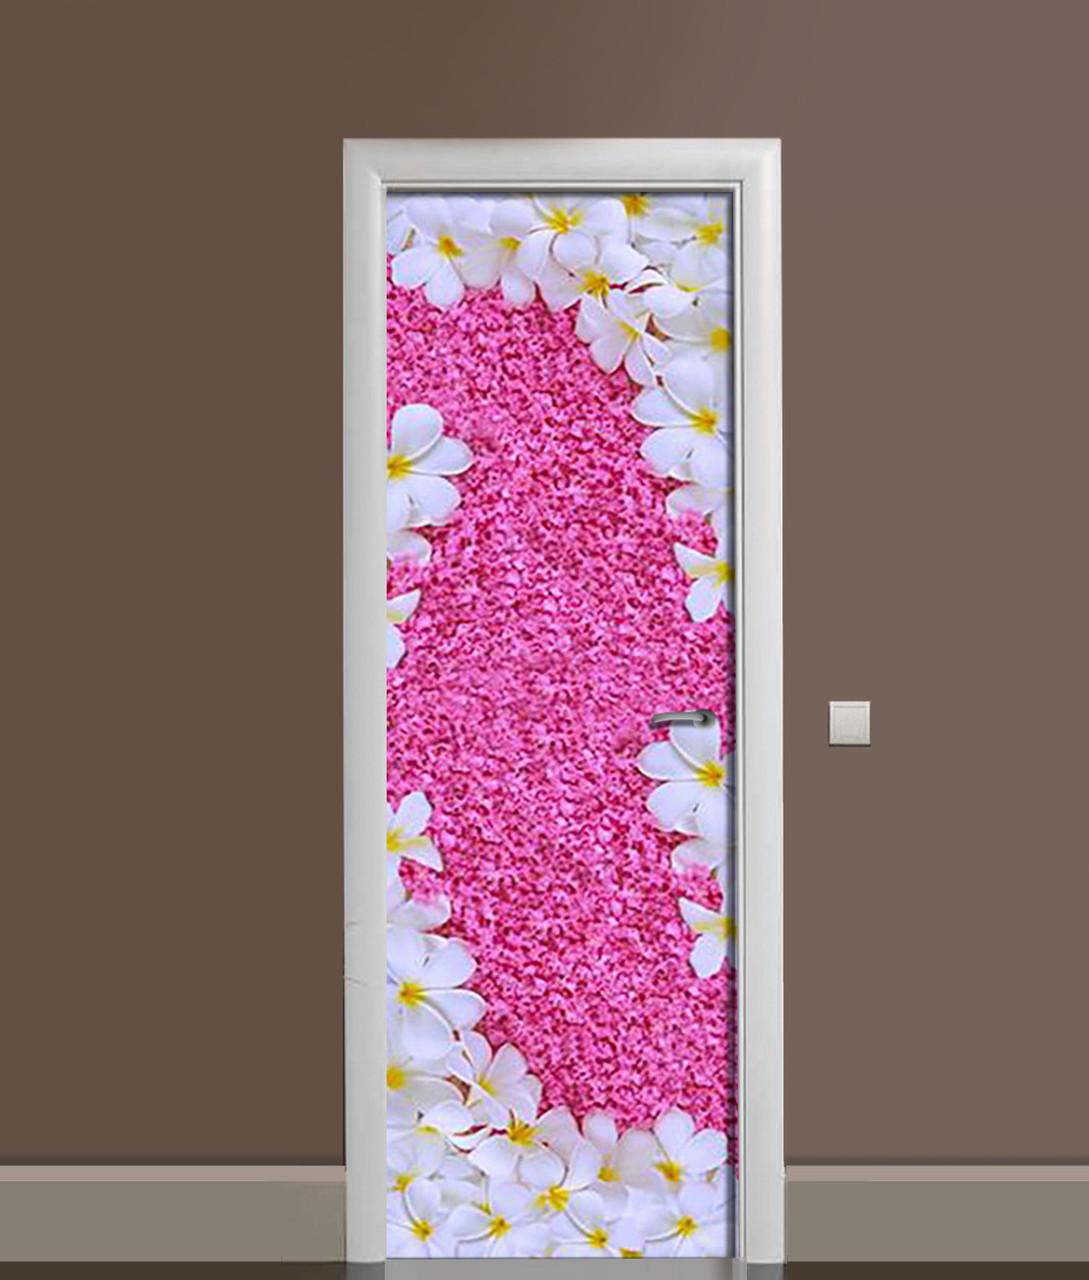 Виниловая 3Д наклейка на дверь Ковер из Цветов (ПВХ пленка) Розовый 650*2000 мм